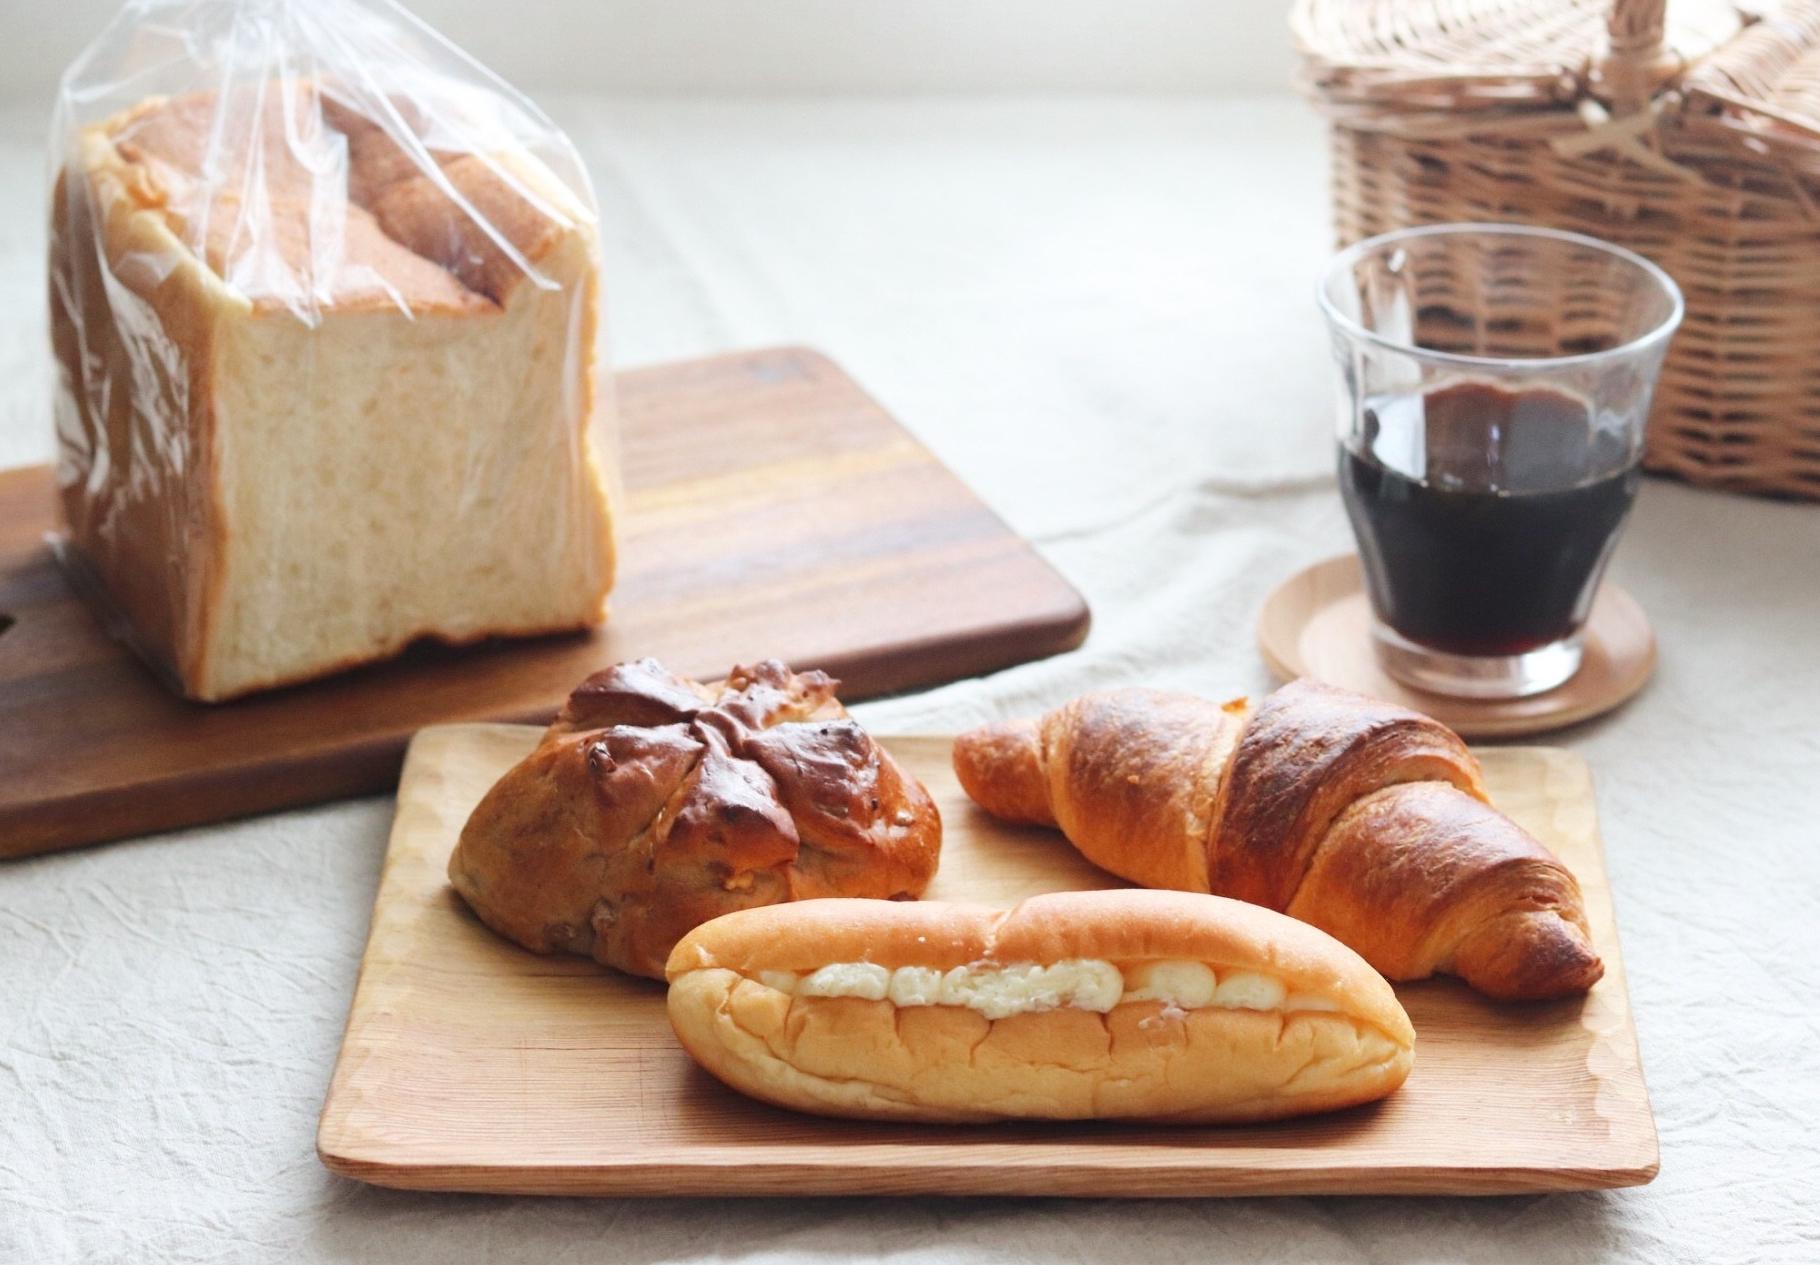 【東京・銀座】『MUJI Diner Bakery(ムジダイナー ベーカリー)』〜1日のスタートはMUJIパンから!編〜